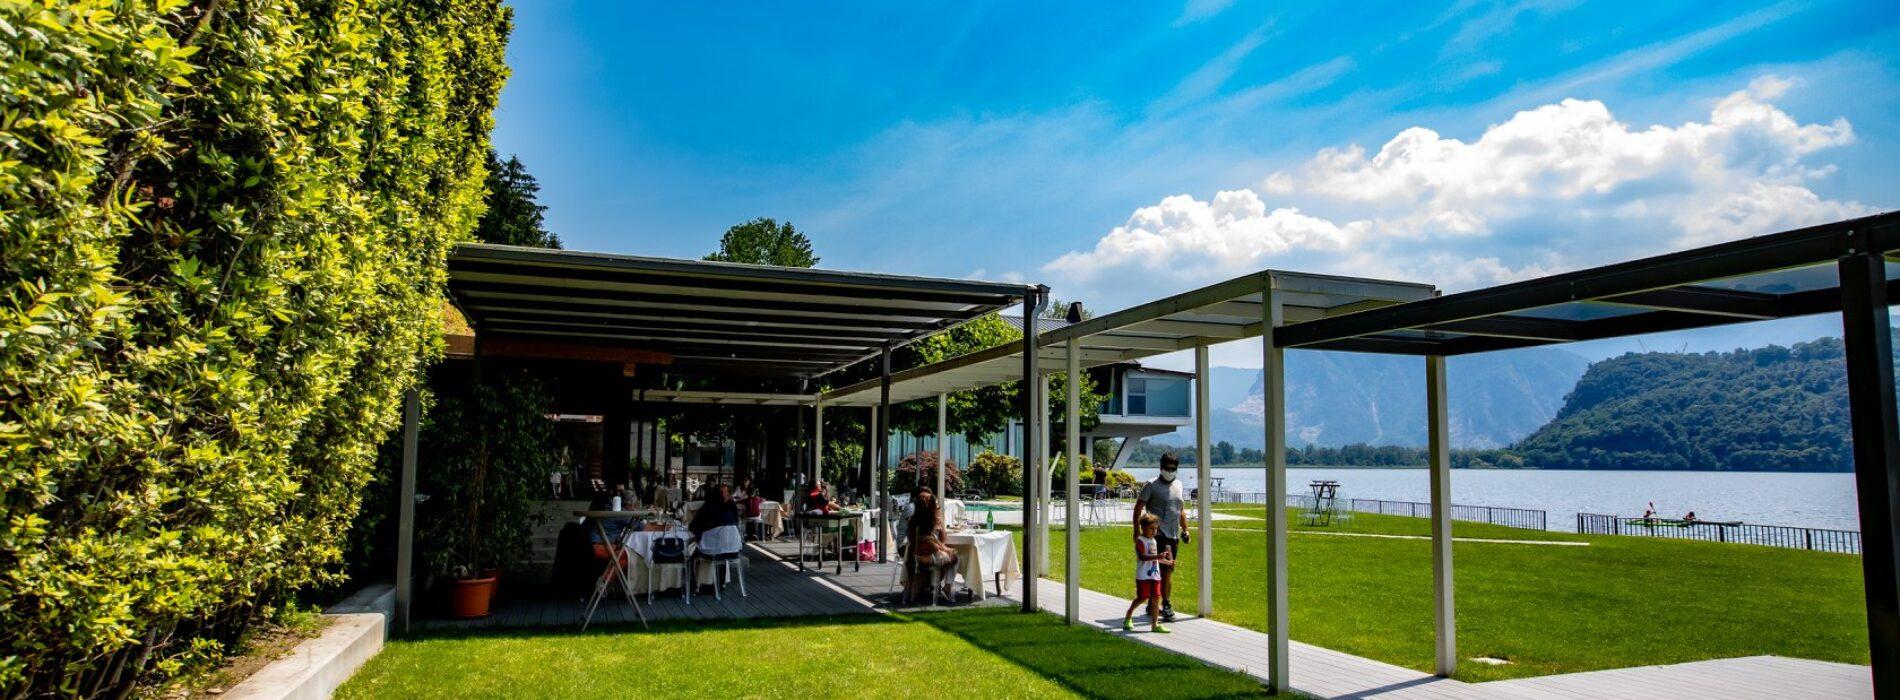 Fuoriporta Milano, 15 ristoranti all'aperto tra cortili, parchi, piscine e laghi